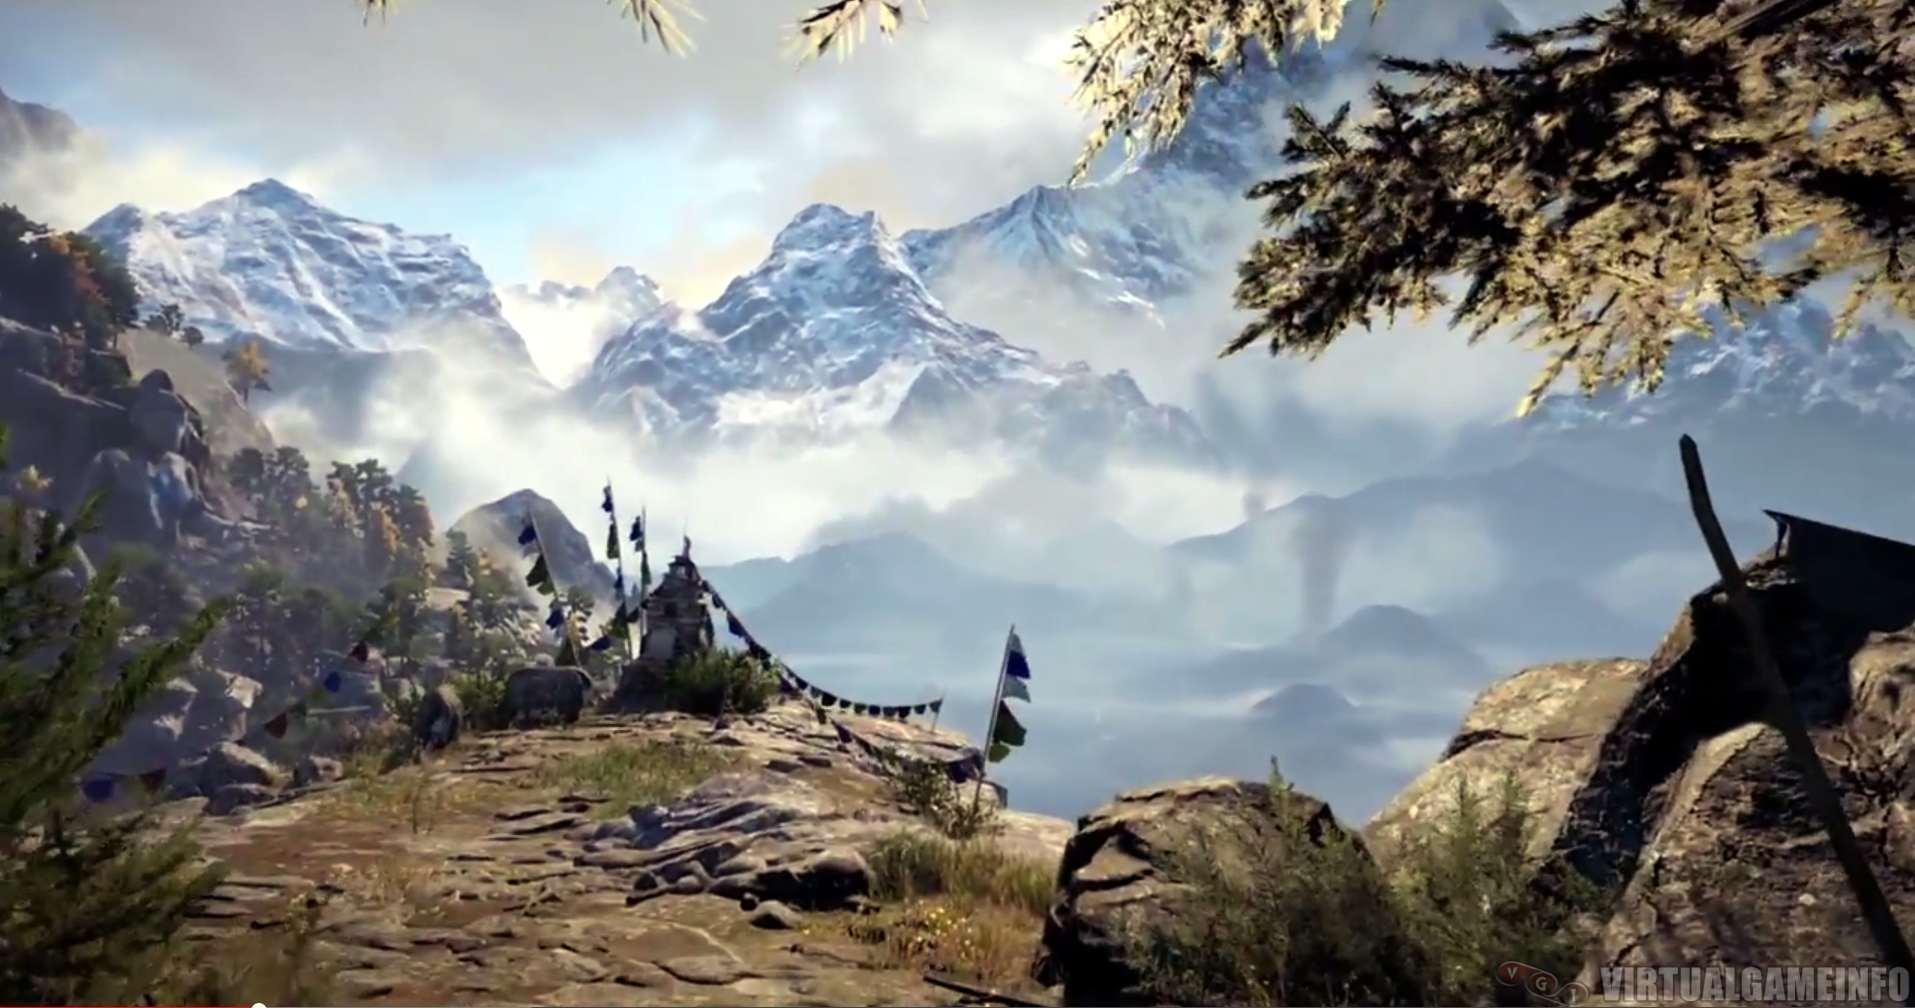 Новейшие технологии GameWorks от NVIDIA нашли свое применение в Far Cry 4. ПК версия игры получит эксклюзивные улучшения графики. Более подробно с нововведения вы можете ознакомиться в данном видео. В течение ограниченного времени, покупаю одну из видеокарт GeForce получите Far Cry 4 или другие игры Ubisoft бесплатно. О подробностях данной акции вы можете узнать на специальном сайте.